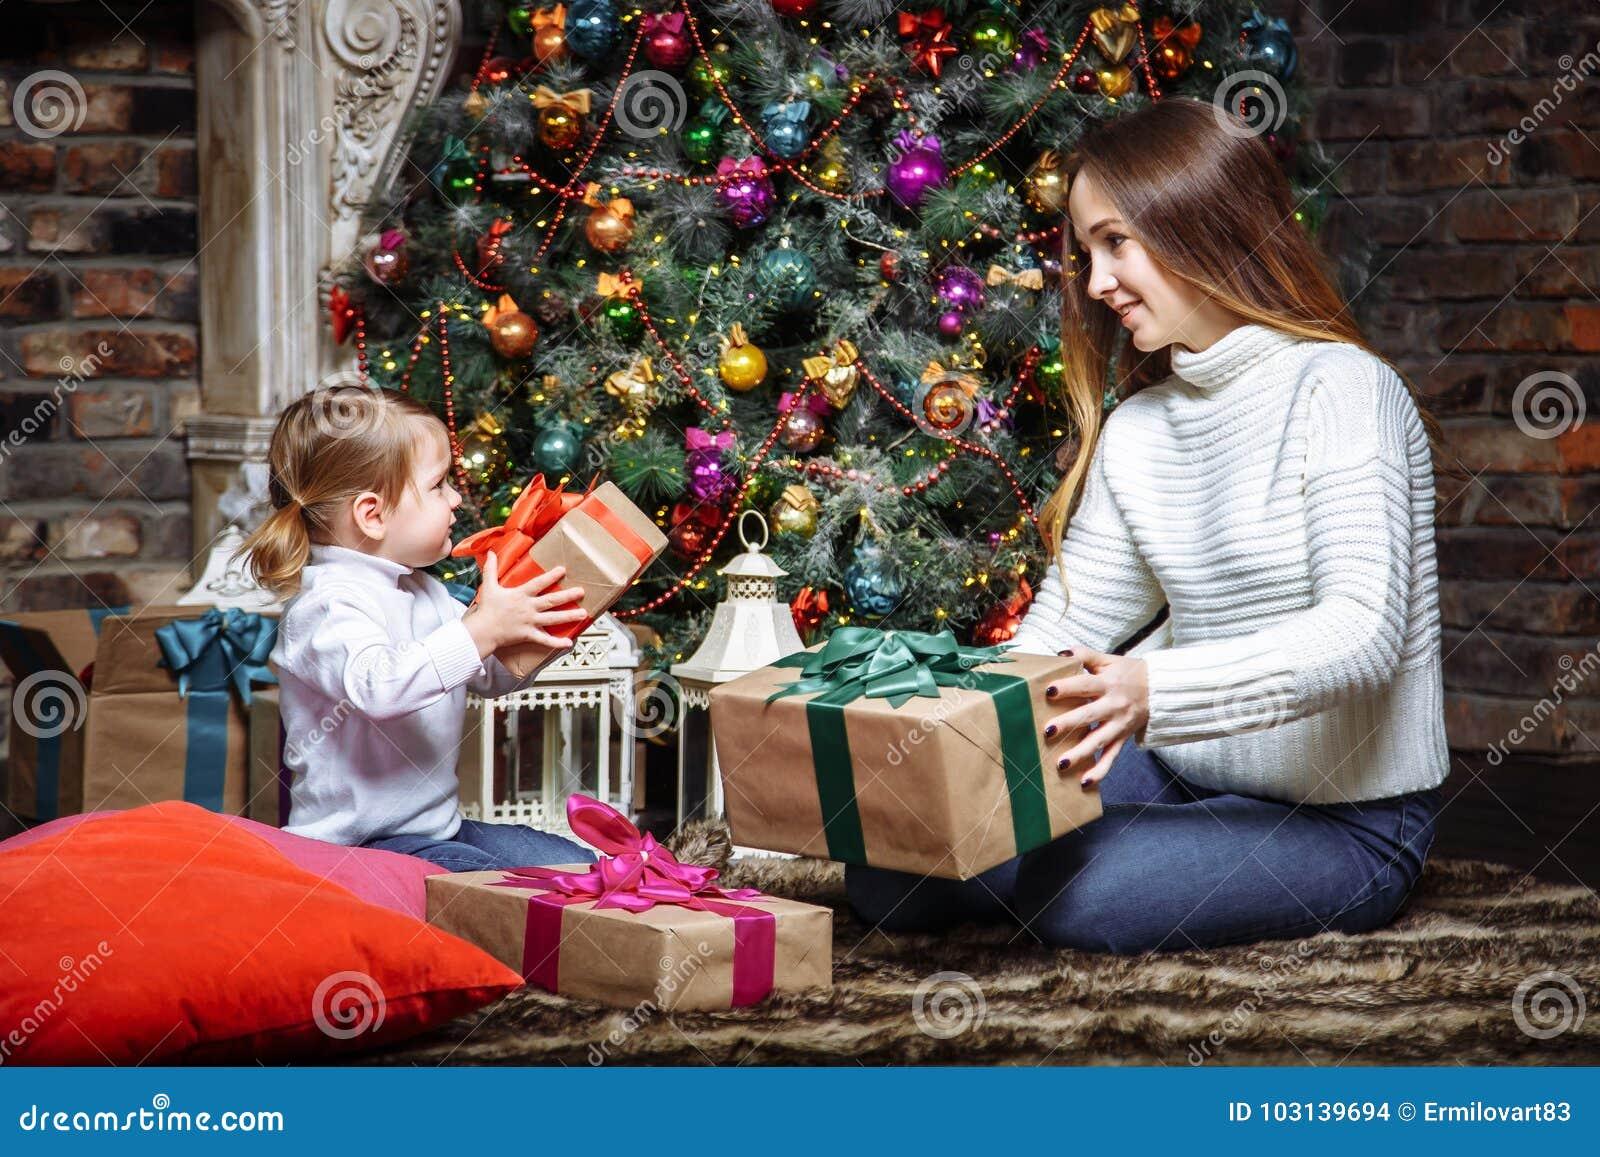 圣诞快乐和节日快乐!快乐的交换礼物的妈妈和她逗人喜爱的女儿 父母和小孩获得乐趣在C附近